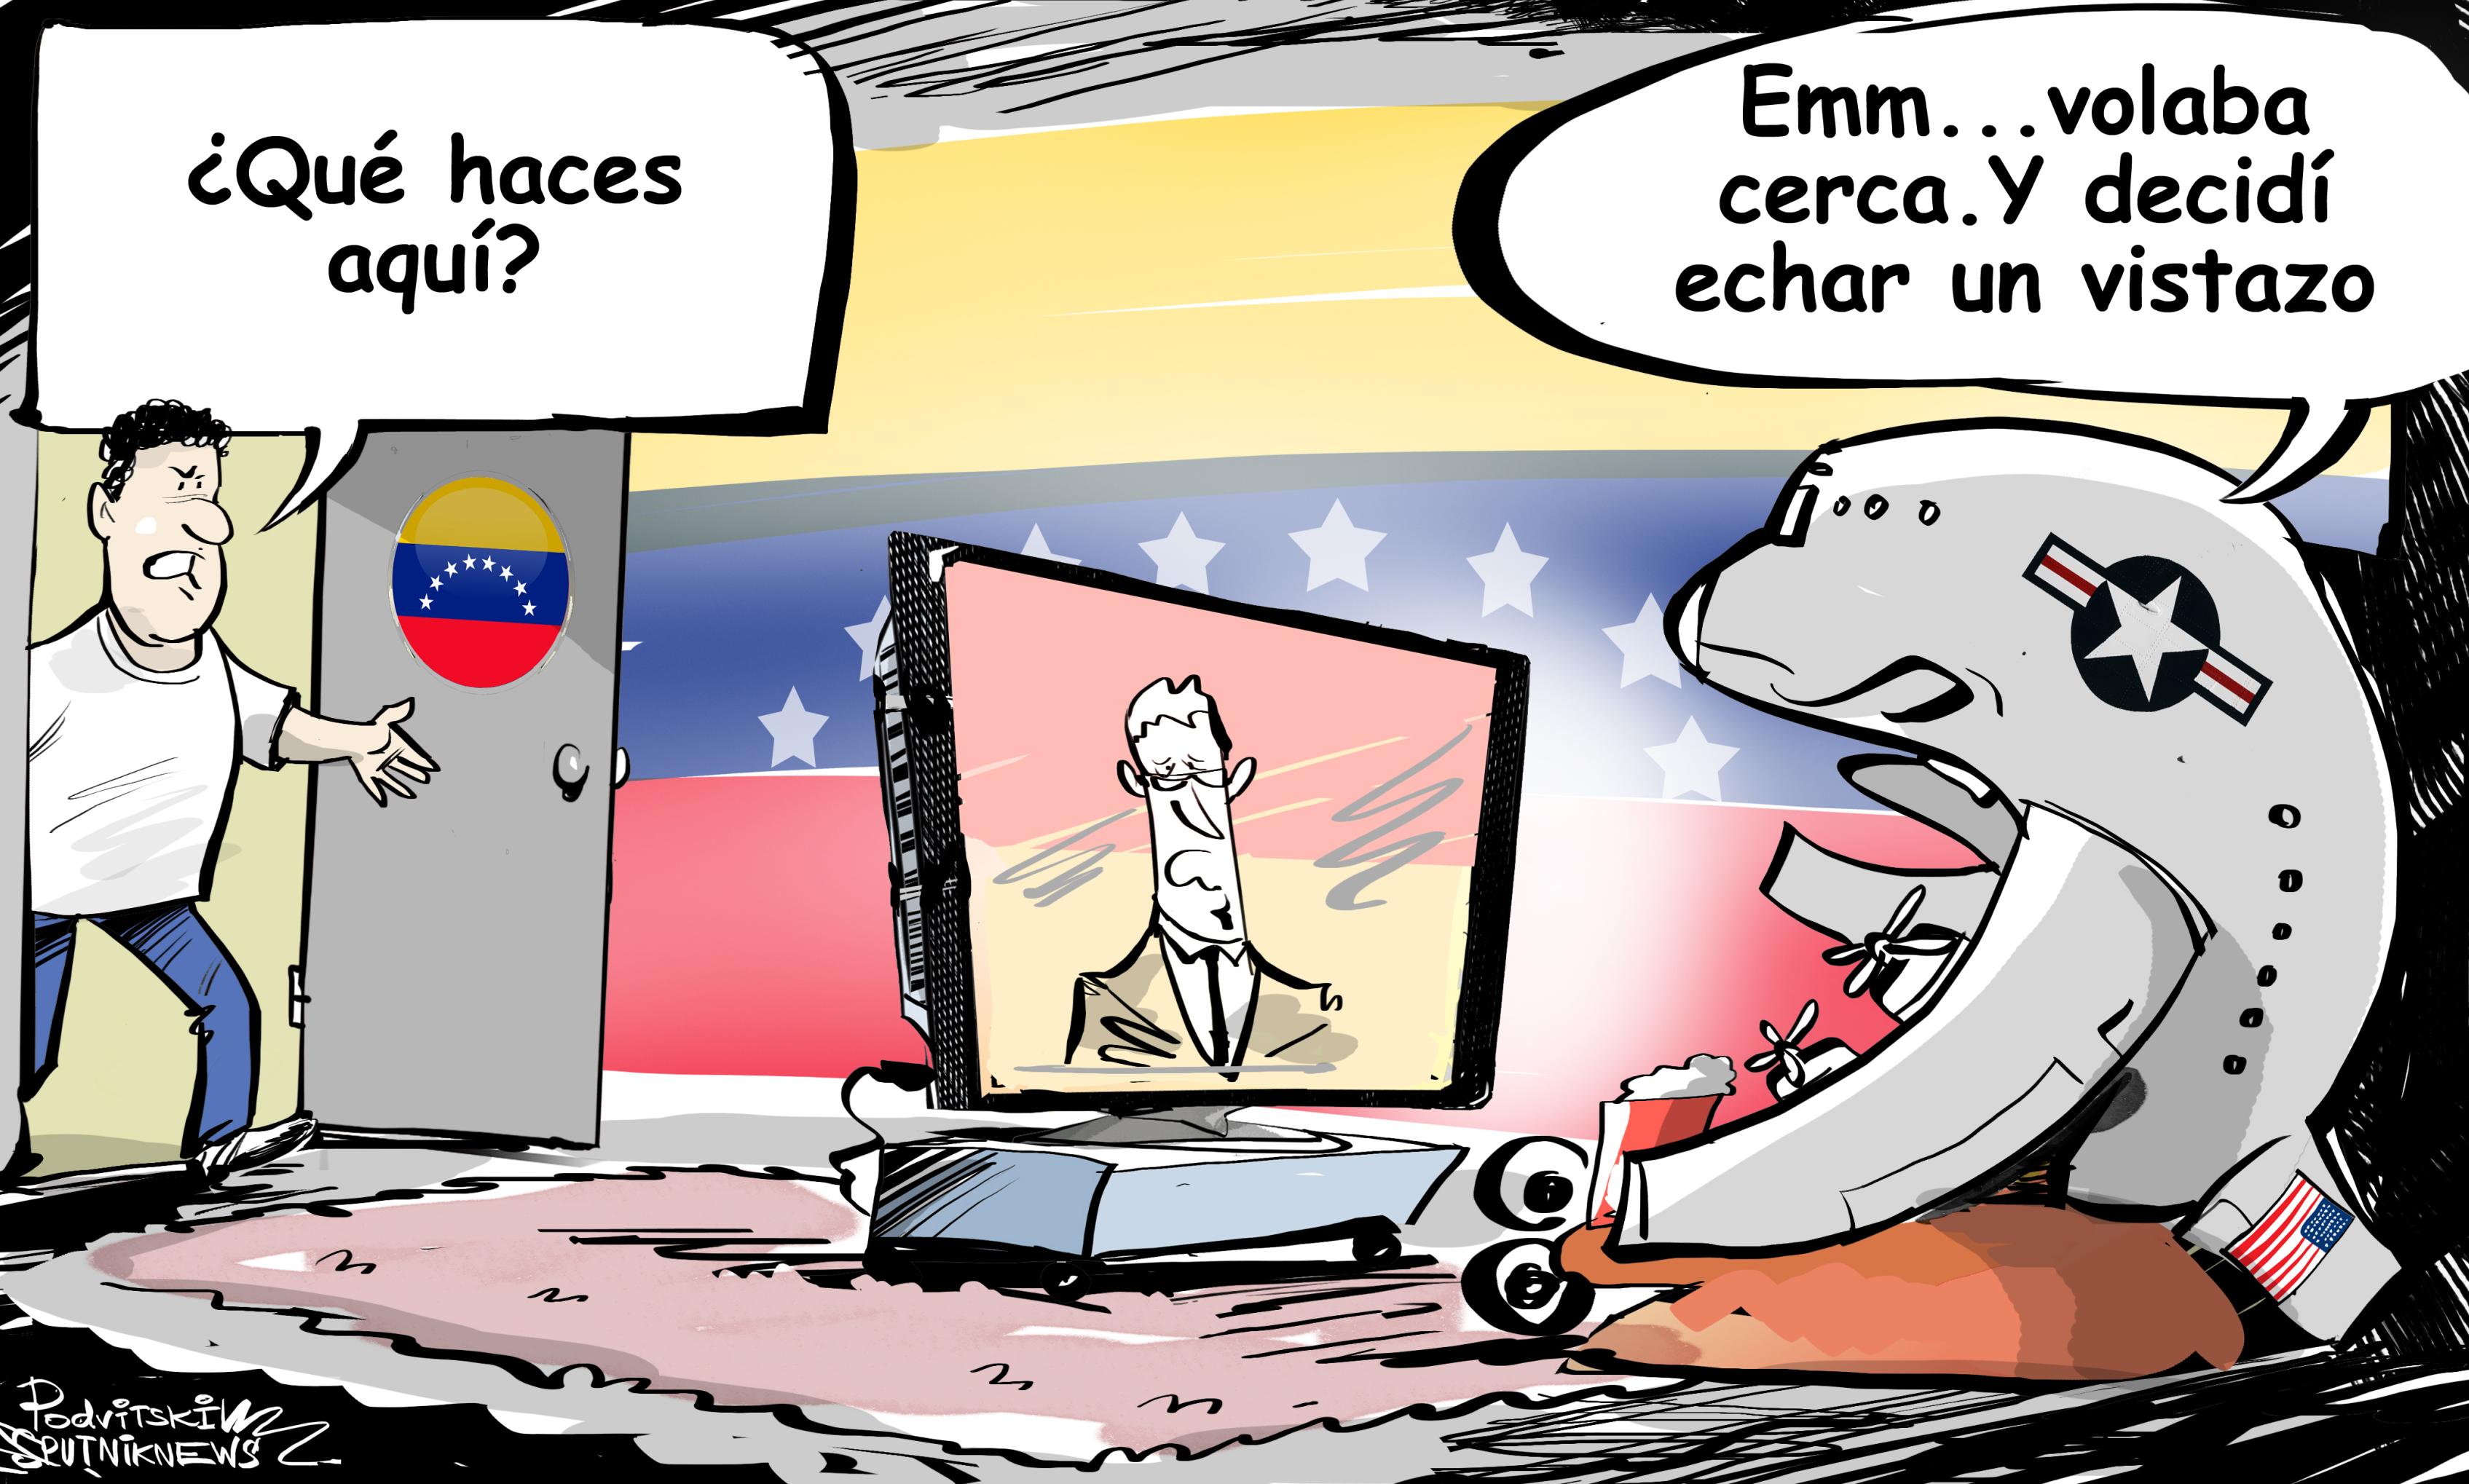 ¿Qué haces aquí? EEUU acusa a Venezuela perseguir agresivamente su avión